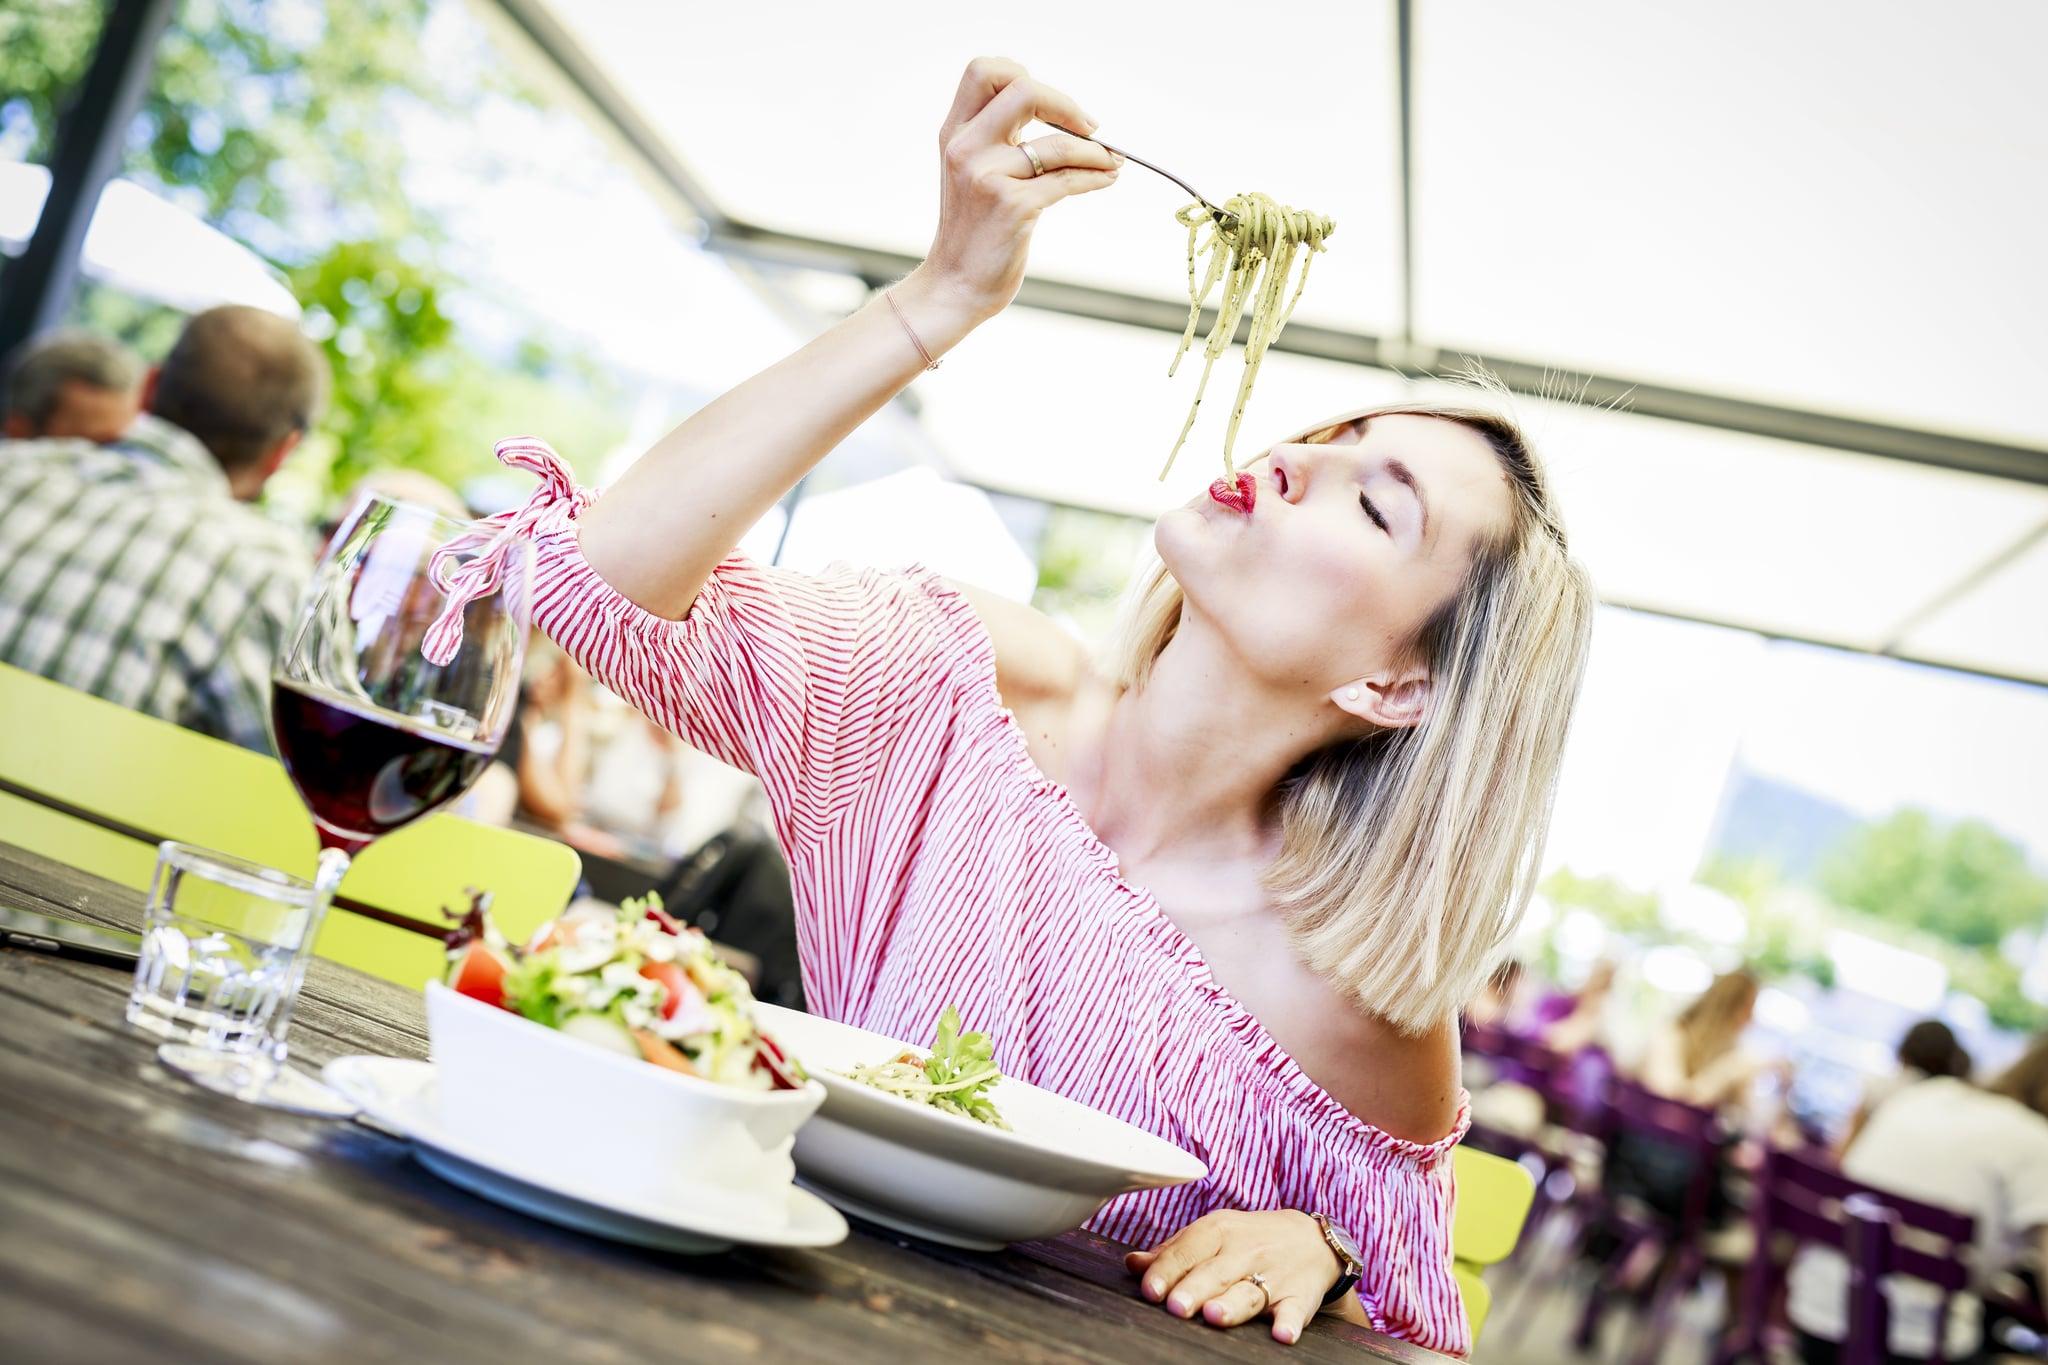 Junge Frau isst Spaghetti in einem Gastgarten